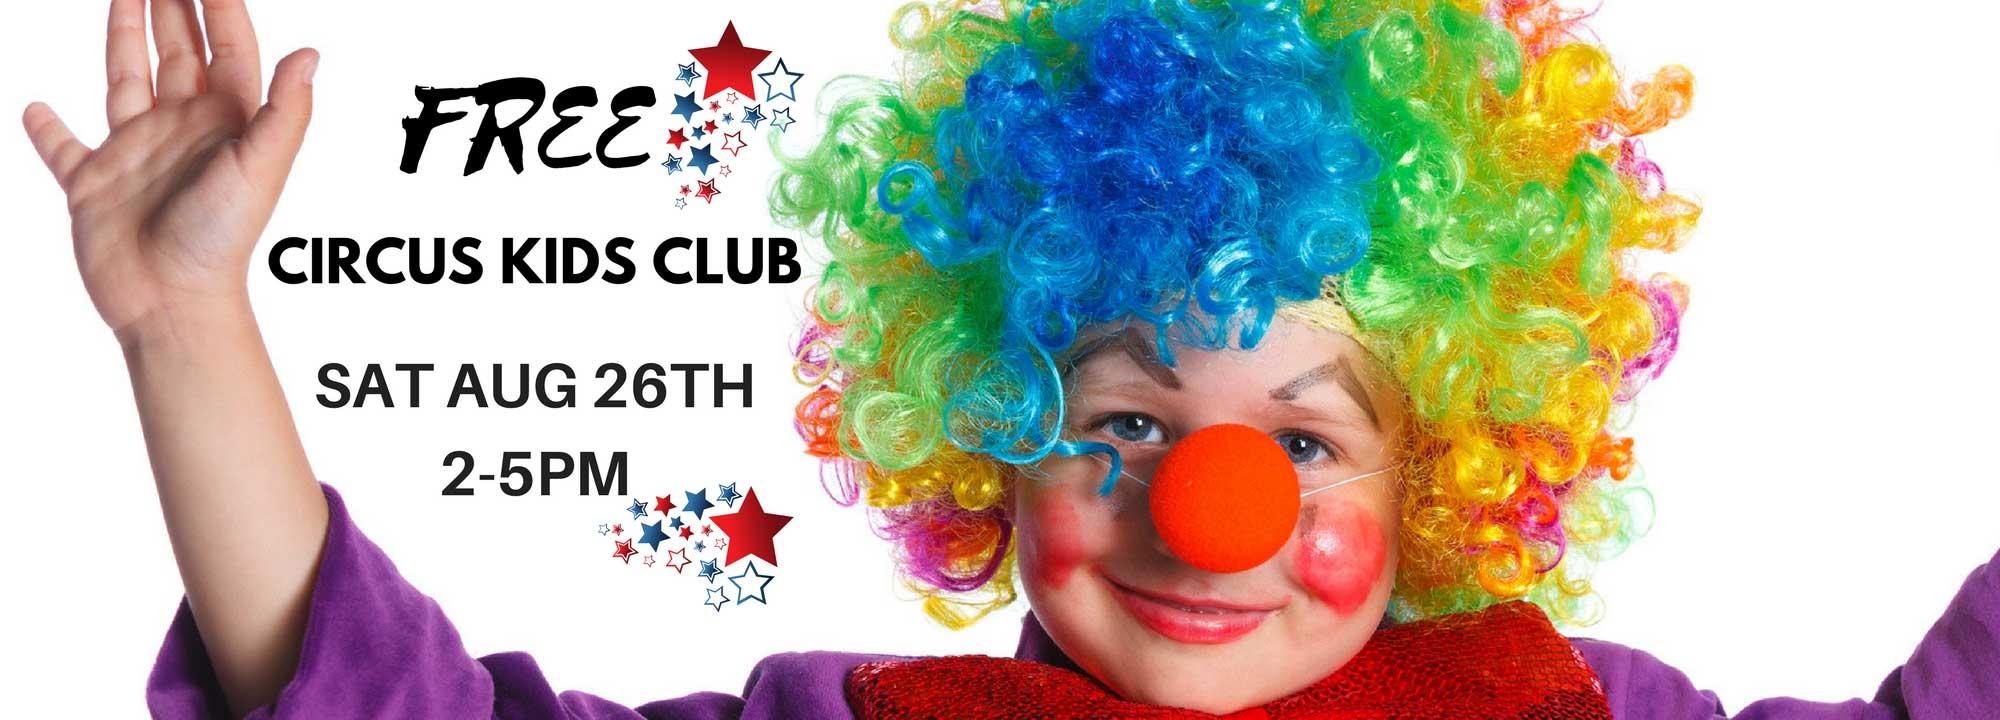 Circus Kids Club, Sat August 26th, 2-5PM